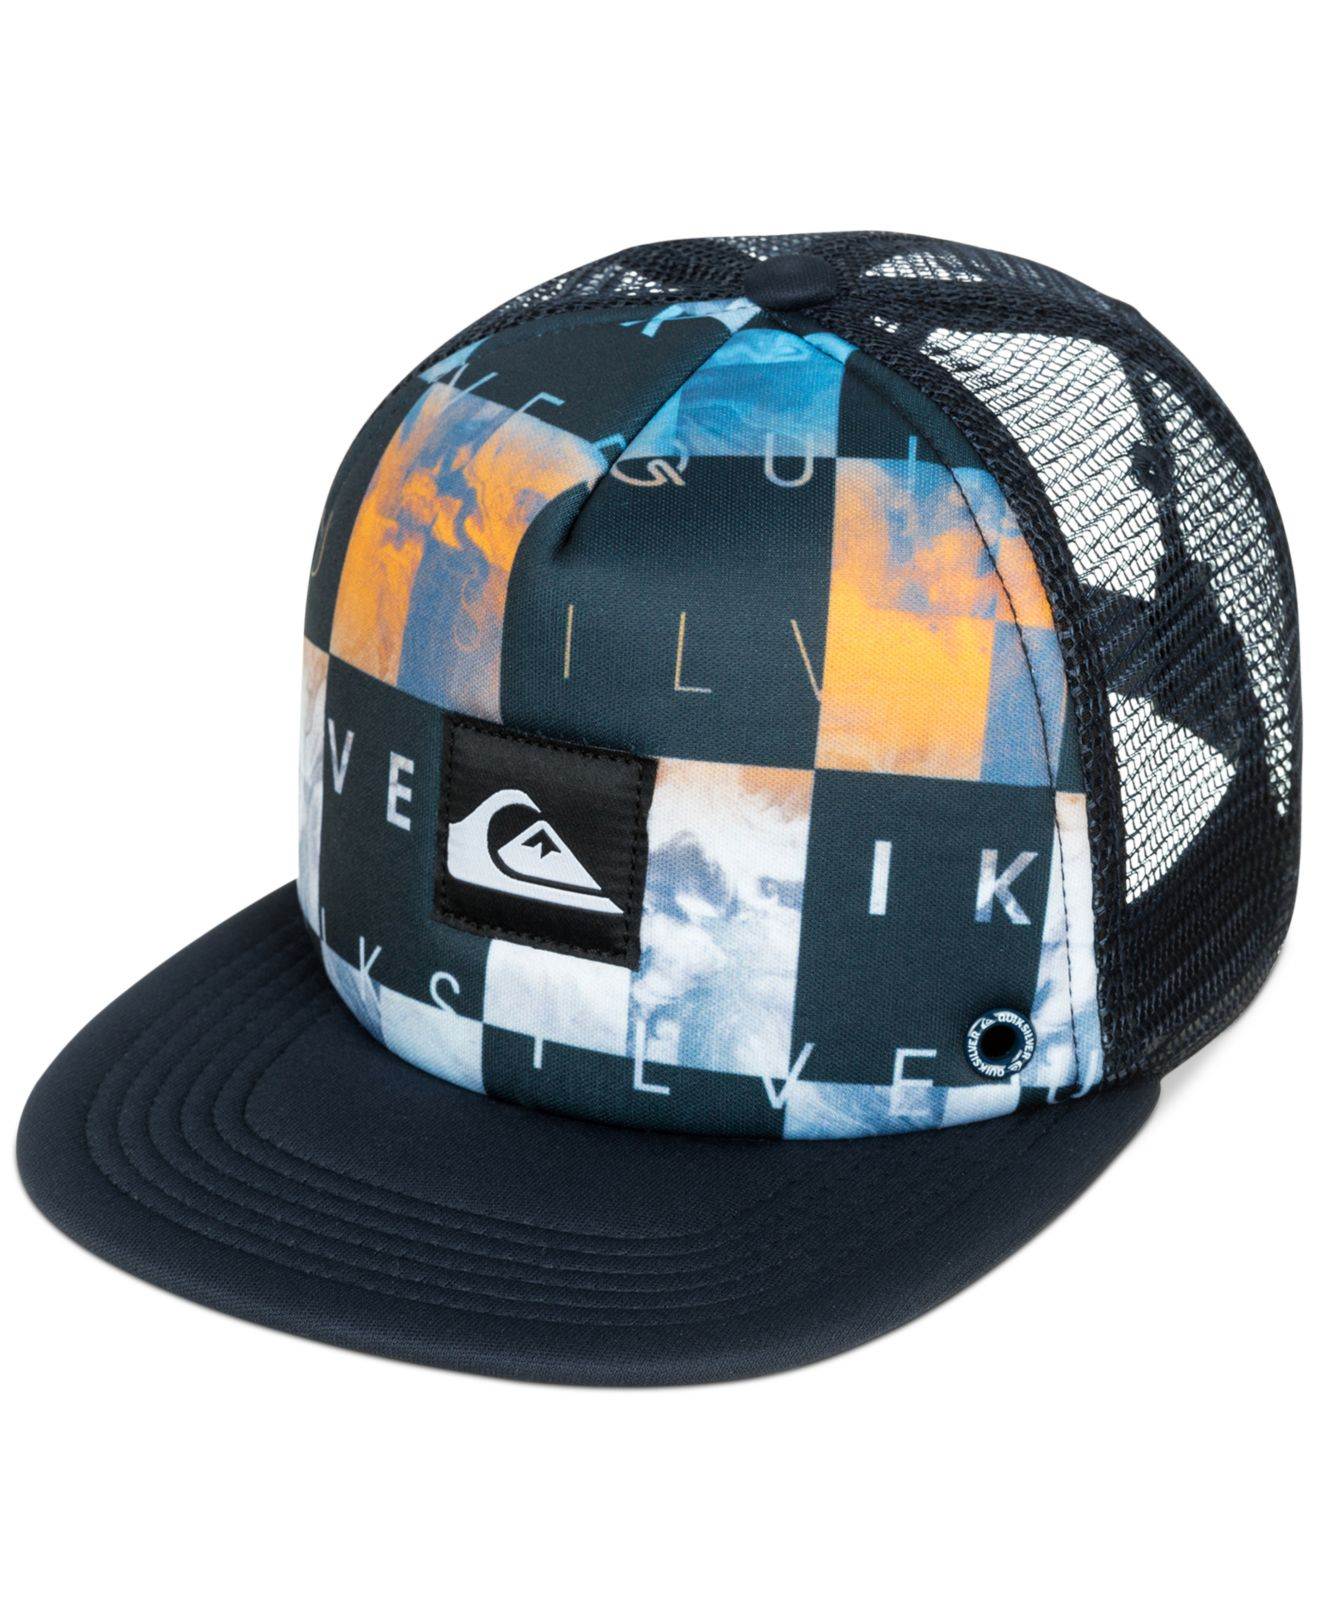 70e584fd152ed ... best price lyst quiksilver boardies hat in black for men b2eb3 33b25